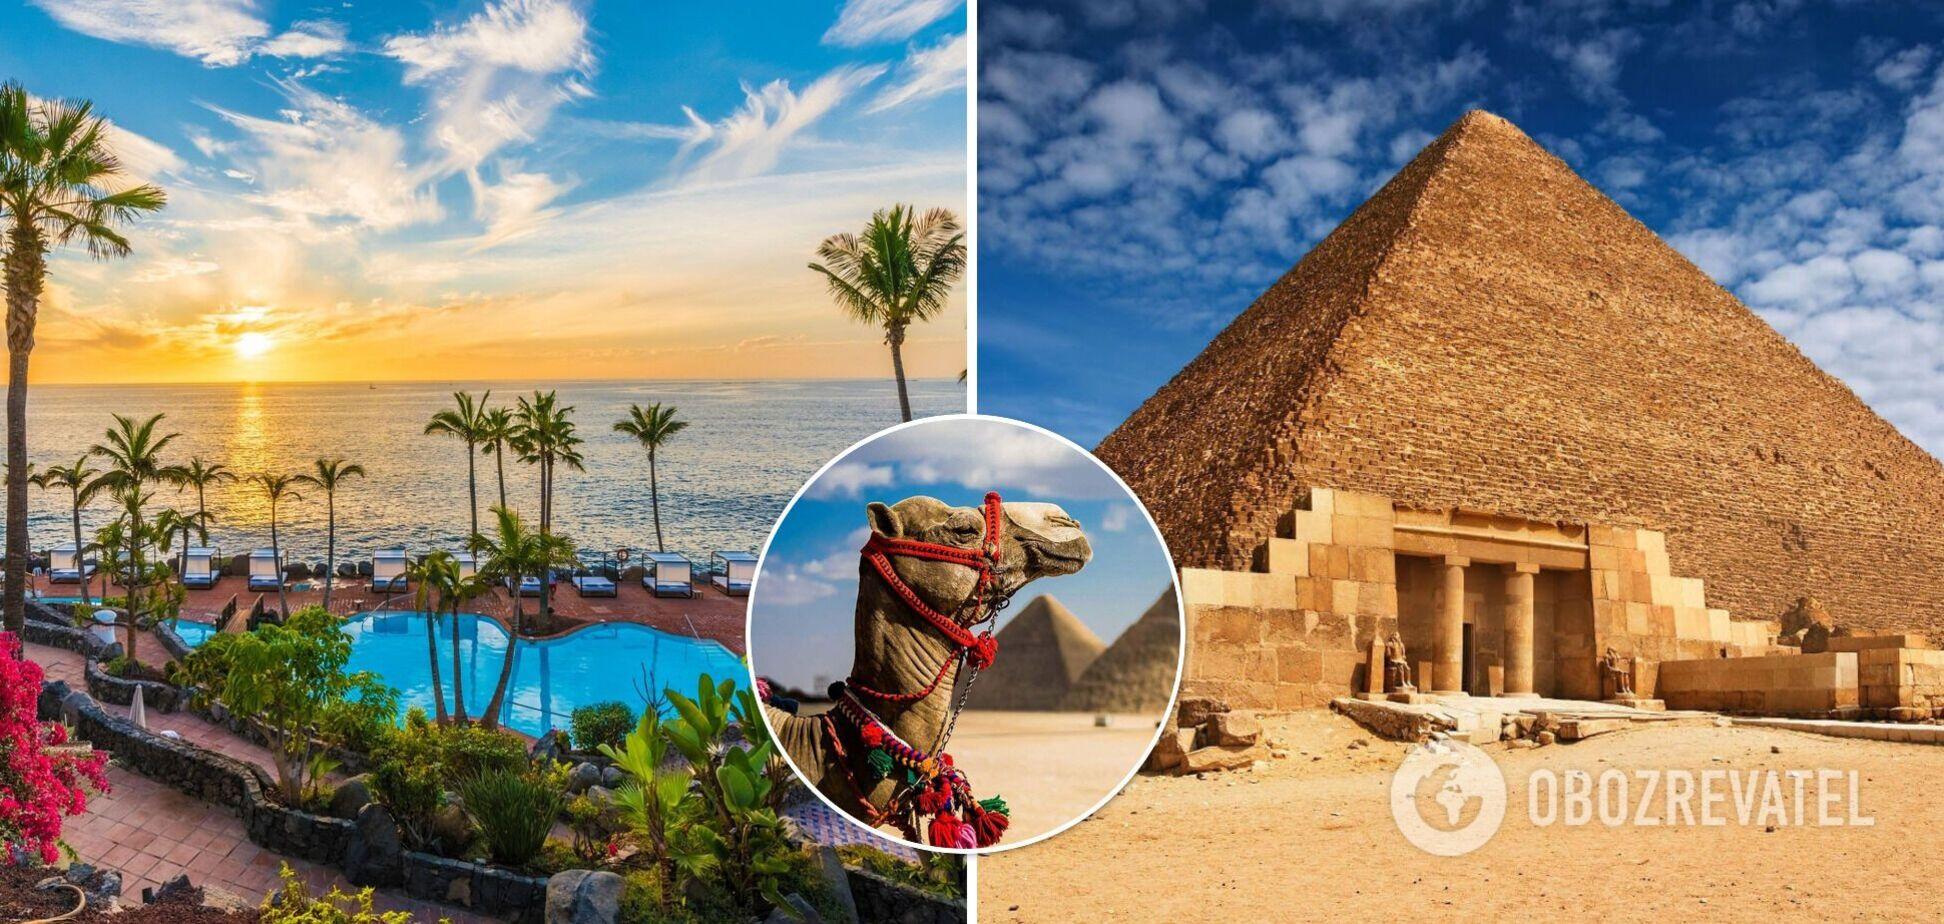 Відпочинок у Єгипті влітку: чи варто зараз їхати і які ціни на путівки